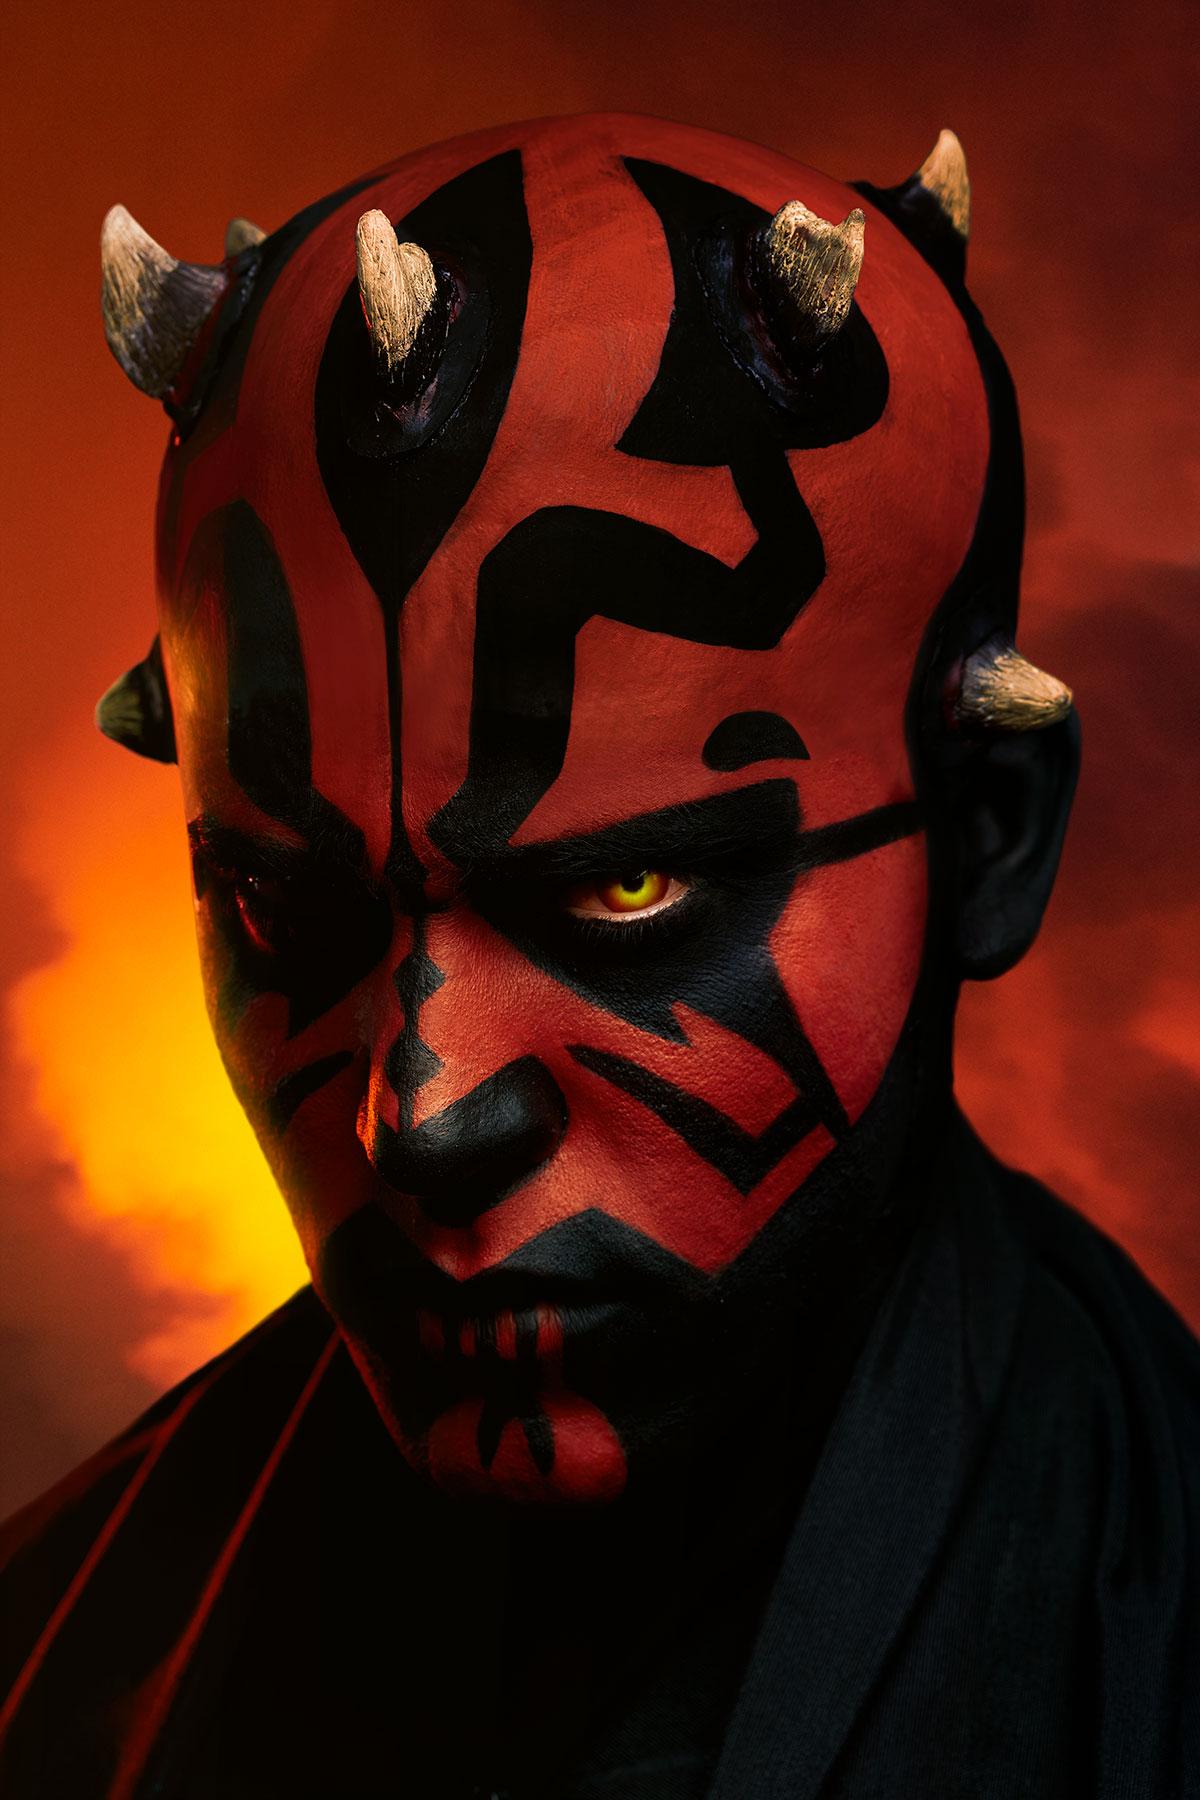 Arthur Sayanoff Darth Maul Star Wars 08 07